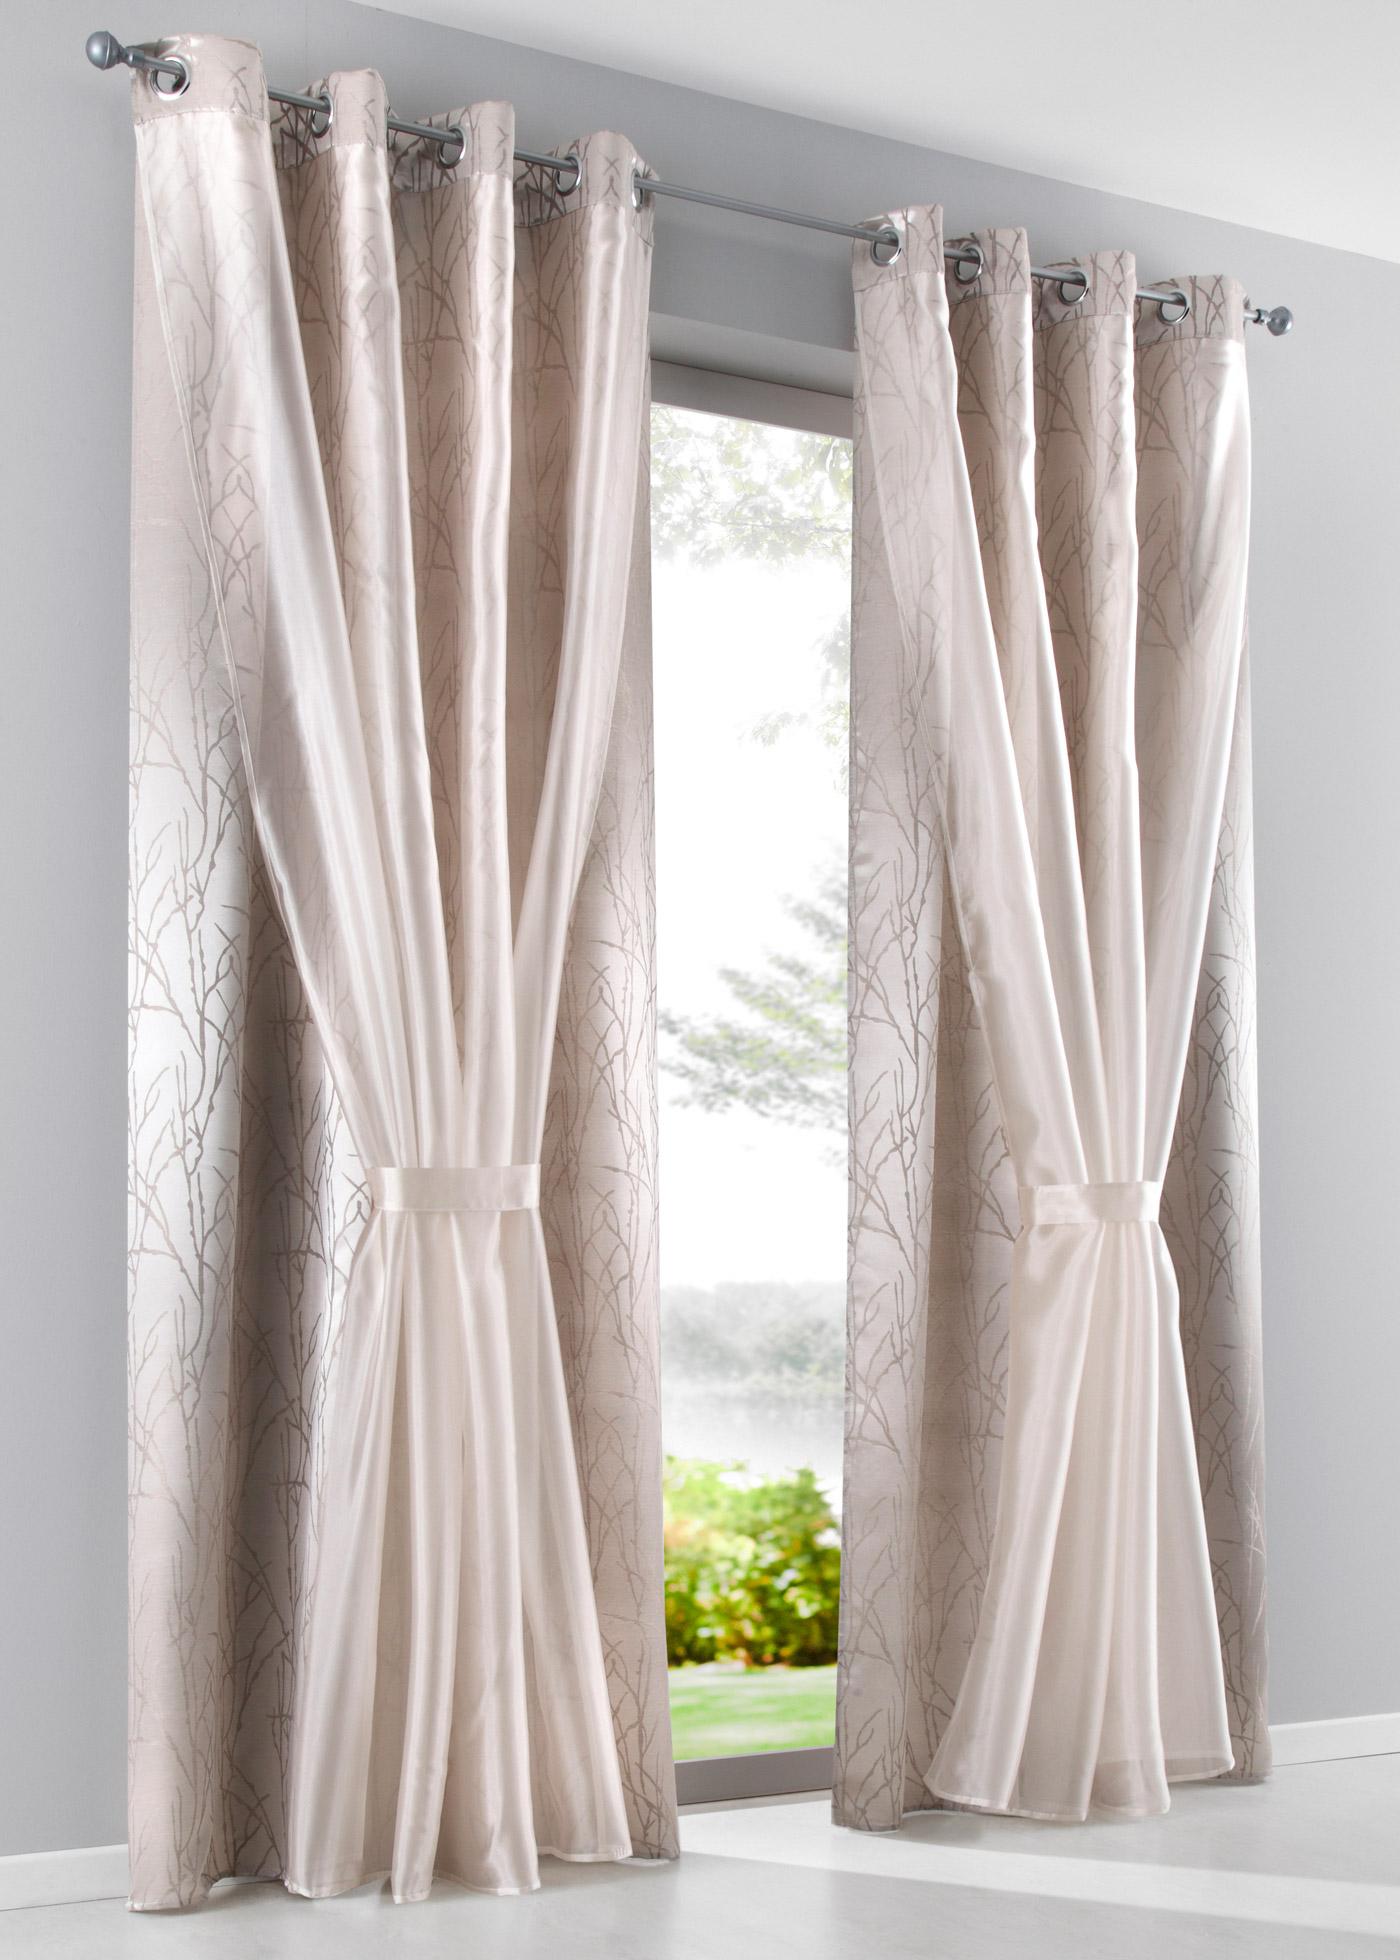 Voilage double épaisseur, première épaisseur transparente, deuxième épaisseur opaque, dimensions = dimensions du tissu.